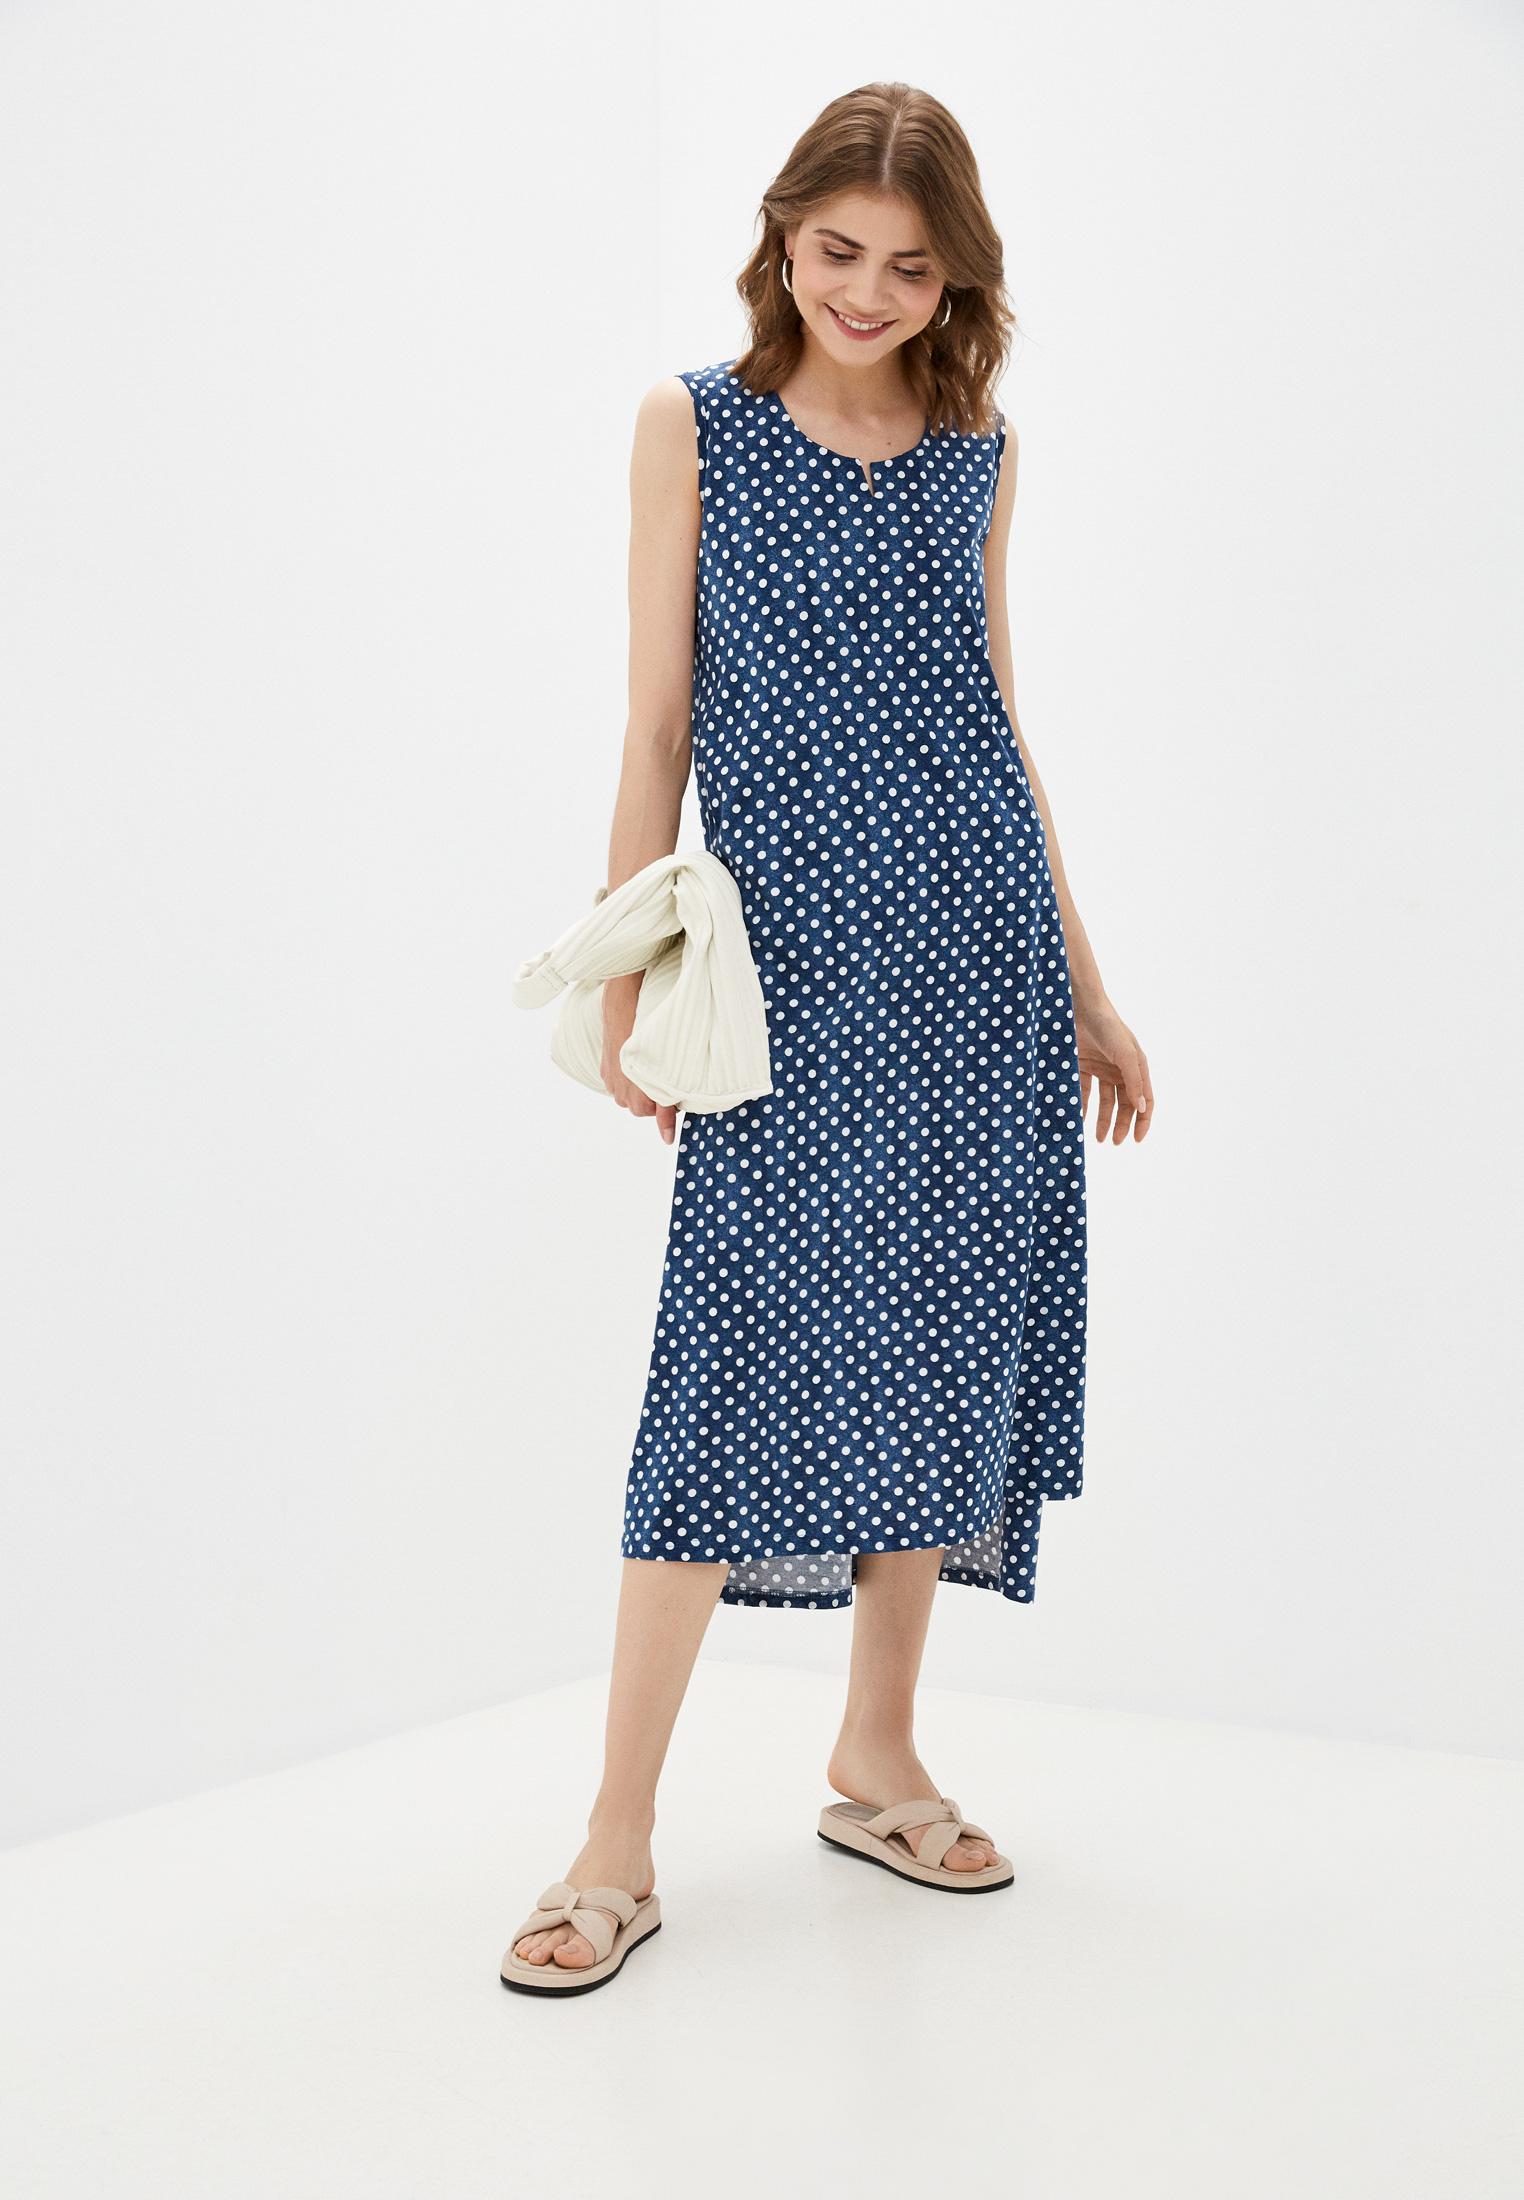 Повседневное платье Winzor Платье Winzor